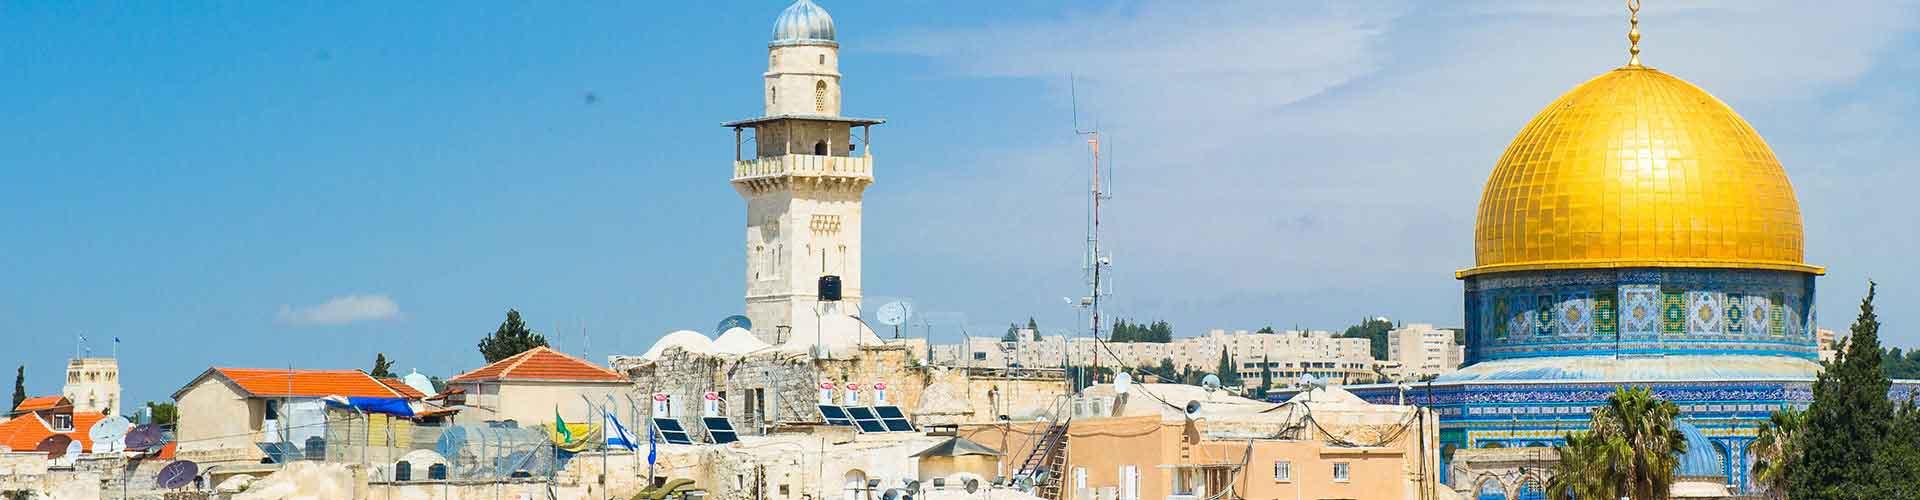 예루살렘 - 예루살렘에 위치한 아파트.  예루살렘의 지도, 예루살렘에 위치한 아파트에 대한 사진 및 리뷰.